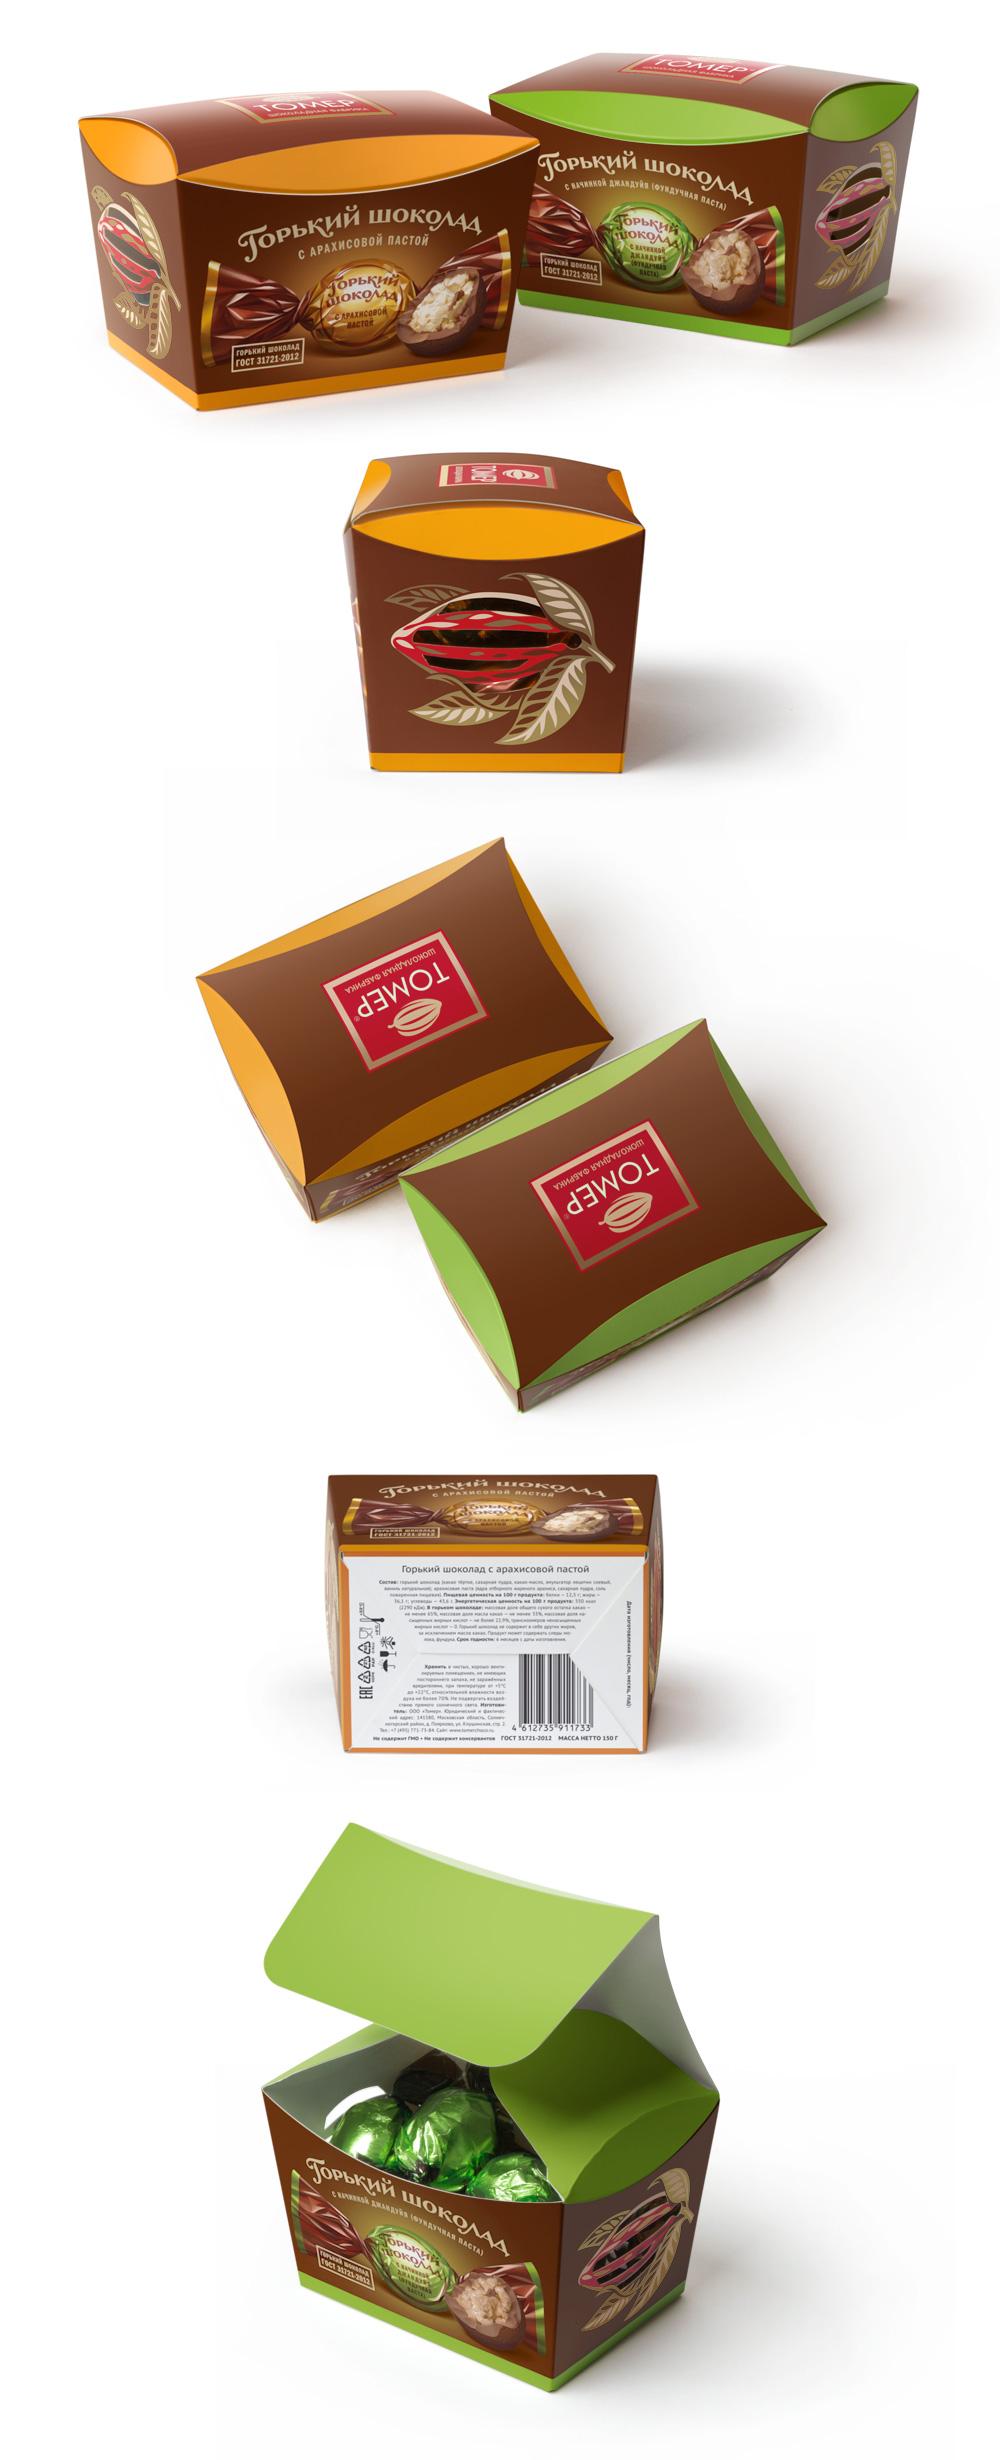 Коробки «Горький шоколад с ореховой пастой»